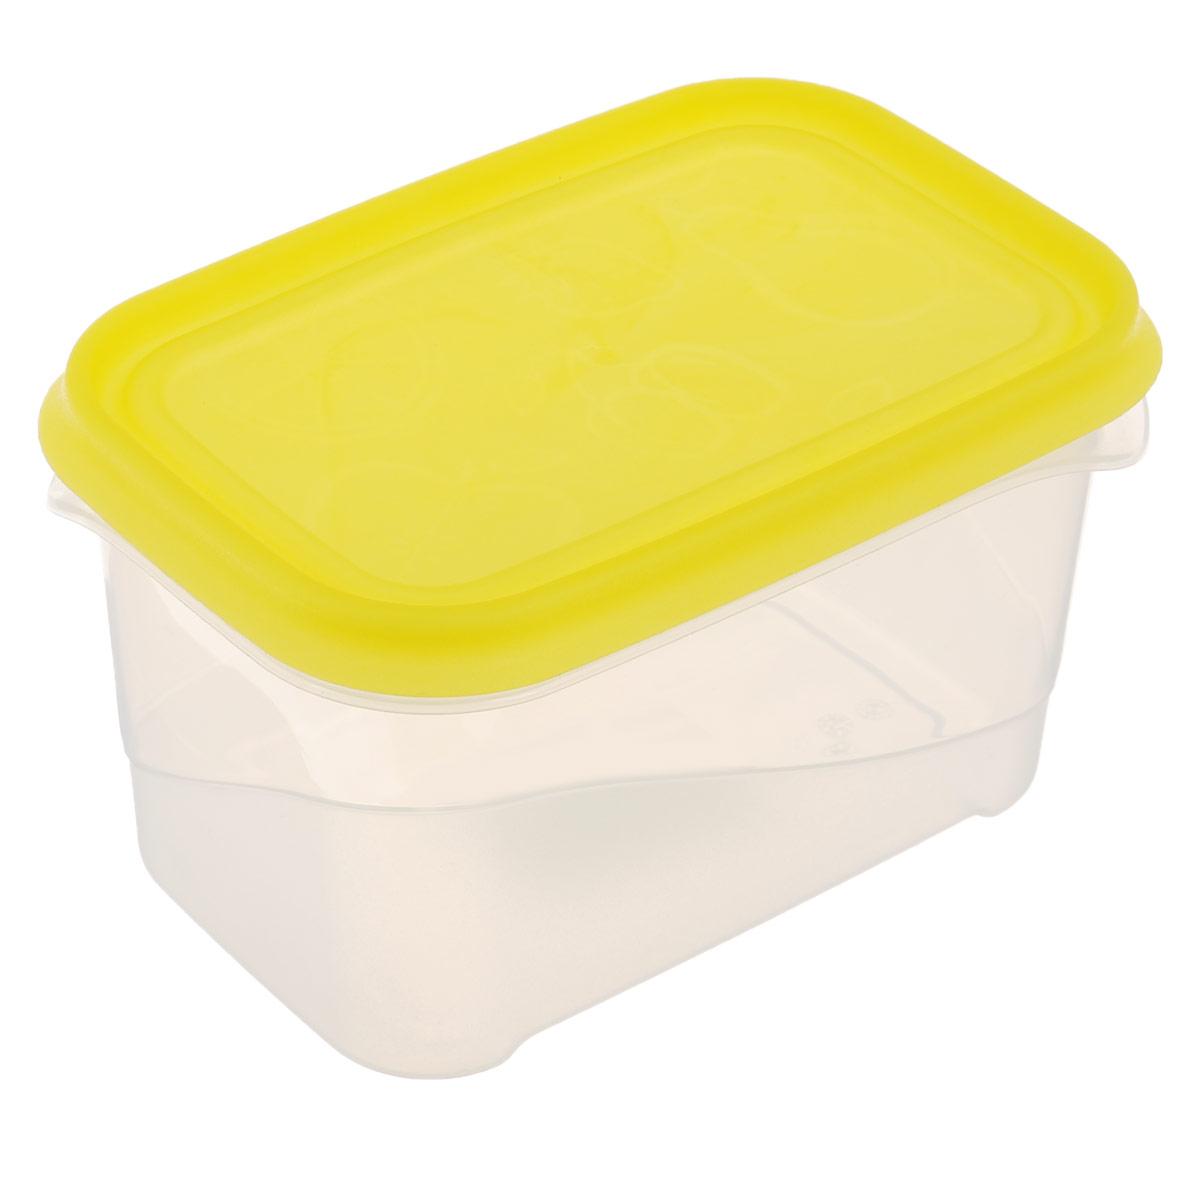 Контейнер Phibo Freeze, 0,7 лС11735Контейнер Phibo Freeze изготовлен из высококачественного полипропилена и не содержит Бисфенол А. Крышка легко и плотно закрывается, украшена узором в виде фруктов. Контейнер устойчив к воздействию масел и жиров, легко моется.Подходит для использования в микроволновых печах при температуре до +100°С, выдерживает хранение в морозильной камере при температуре -24°С, его можно мыть в посудомоечной машине при температуре до +75°С.Объем контейнера: 0,7 л.